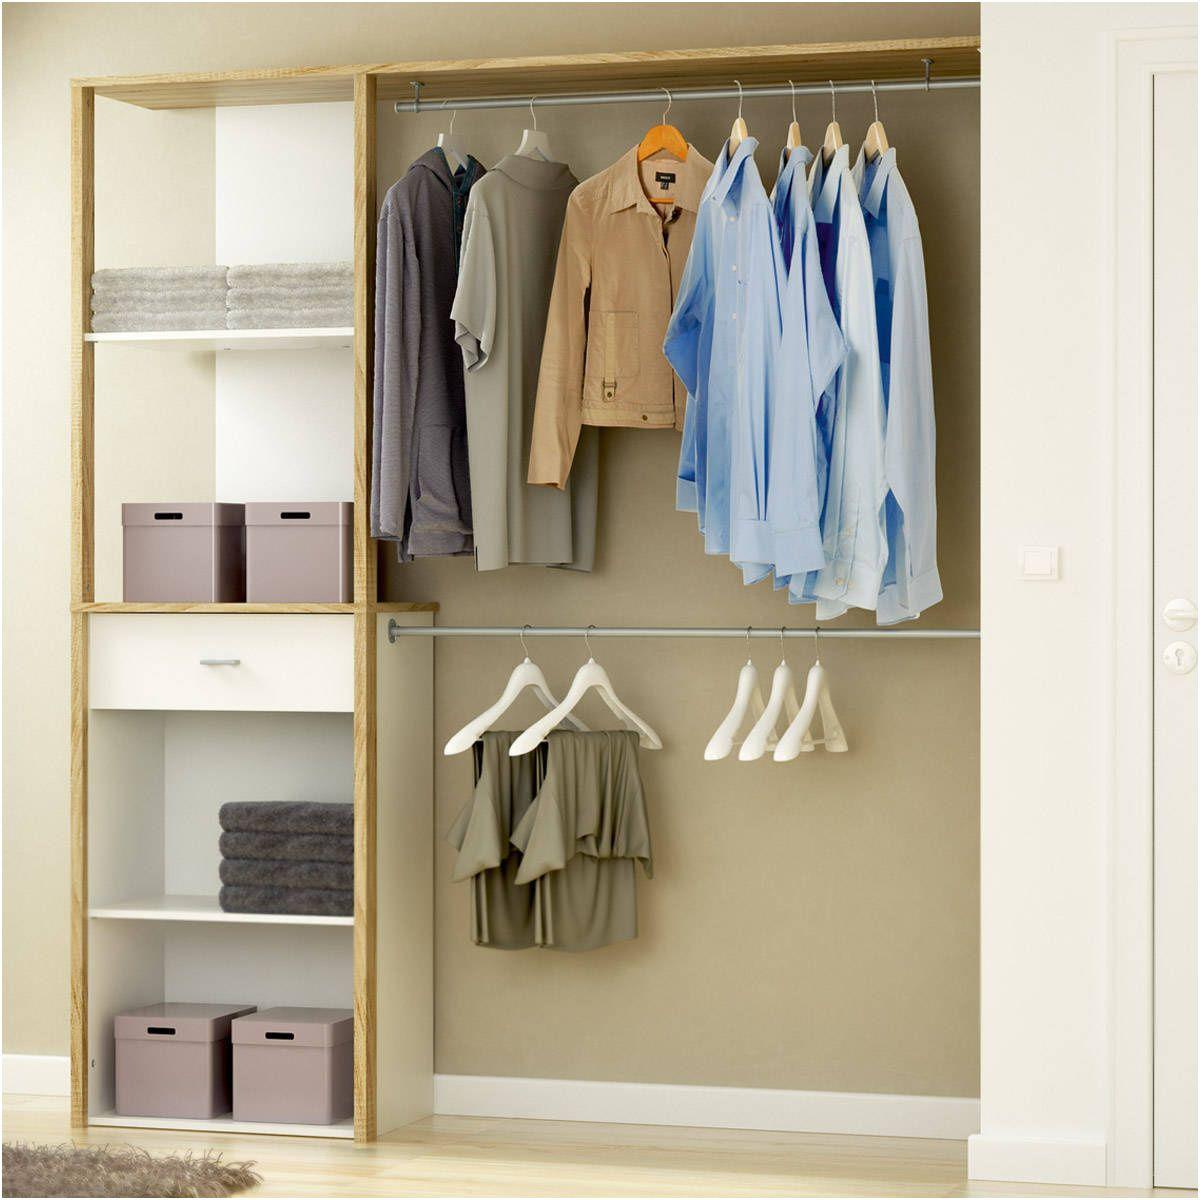 meuble de rangement dressing armoire penderie kit dressing extensible | Placard blanc, Kit ...